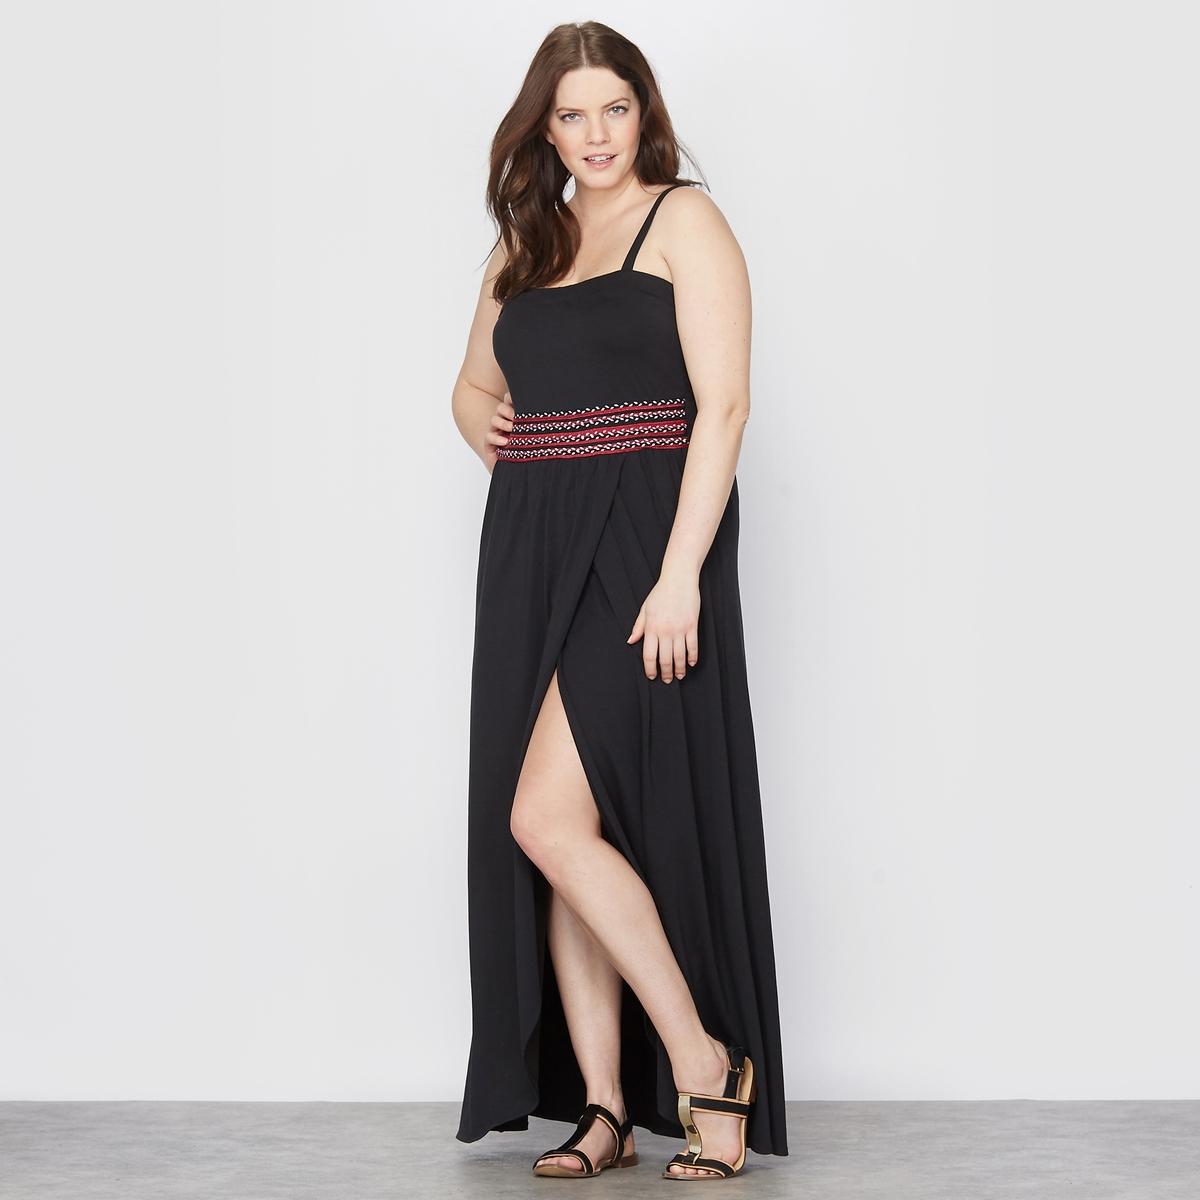 Платье длинноеПлатье-бюстье длинное . Съемные бретели. Вышивка на поясе и оборки сзади . 47% хлопка, 47% модала, 6% эластана . Длина ок.120 см.<br><br>Цвет: черный<br>Размер: 44 (FR) - 50 (RUS).54 (FR) - 60 (RUS)